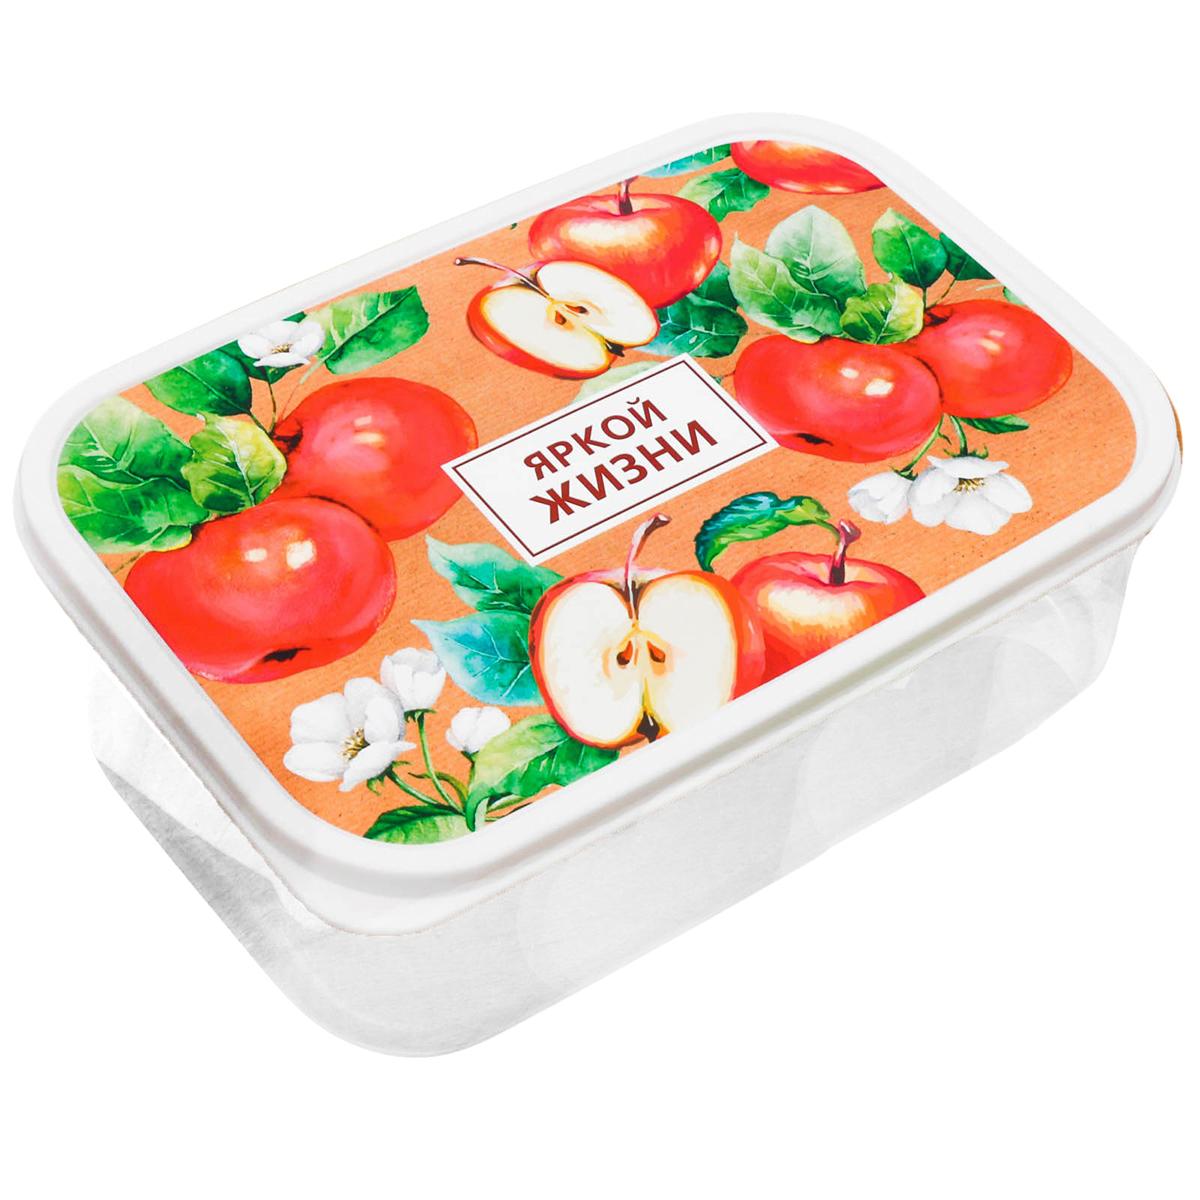 Изделие произведено в России из качественного пищевого пластика, снабжено плотно  закрывающейся крышкой, а это значит, что вы сможете брать на работу, в дорогу или на пикник  разнообразную, а самое главное - вкусную и полезную пищу! Оригинальный рисунок на крышке  поднимет настроение хозяину и окружающим.  Контейнер прост и удобен в обращении: его можно хранить в холодильнике, разогревать в  микроволновой печи, мыть в посудомоечной машине.